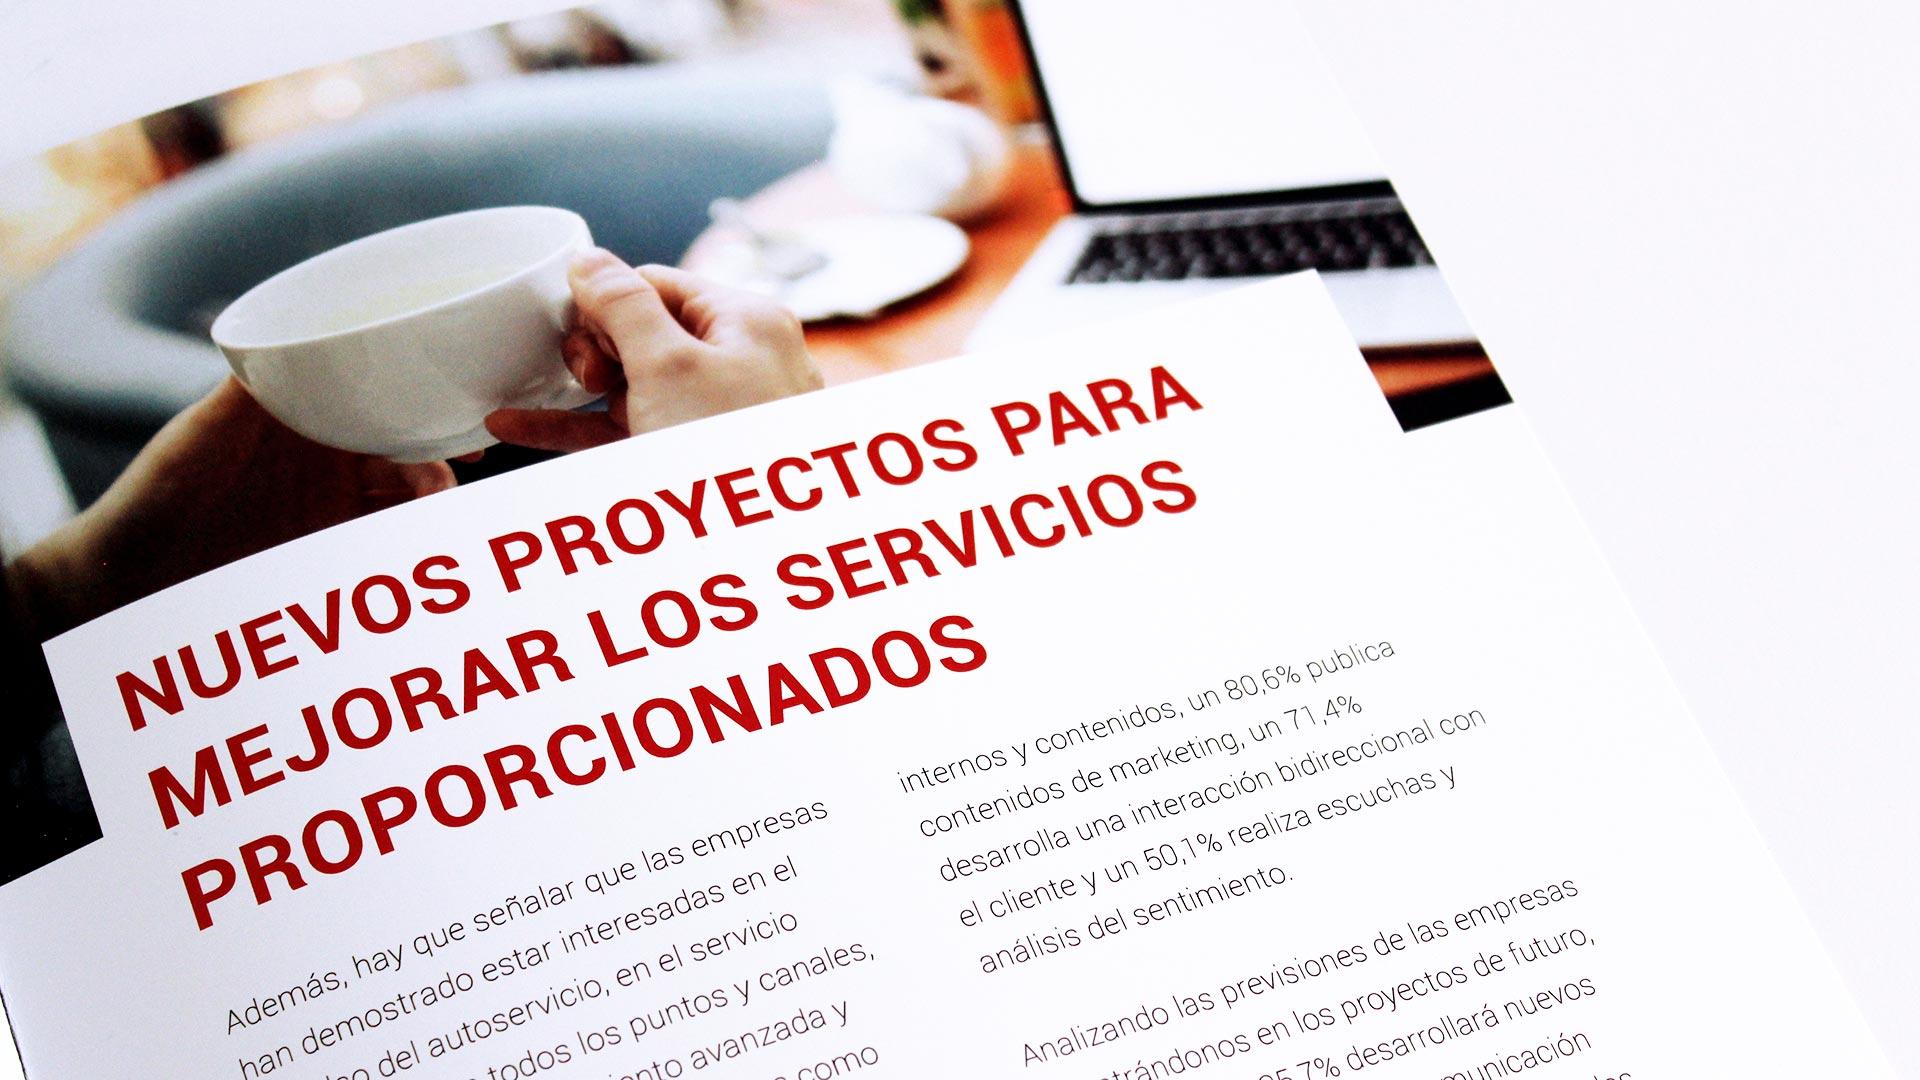 oracle-informe-ebook-content-marketing-evento-herramientas-experiencia-clienye-2016-20